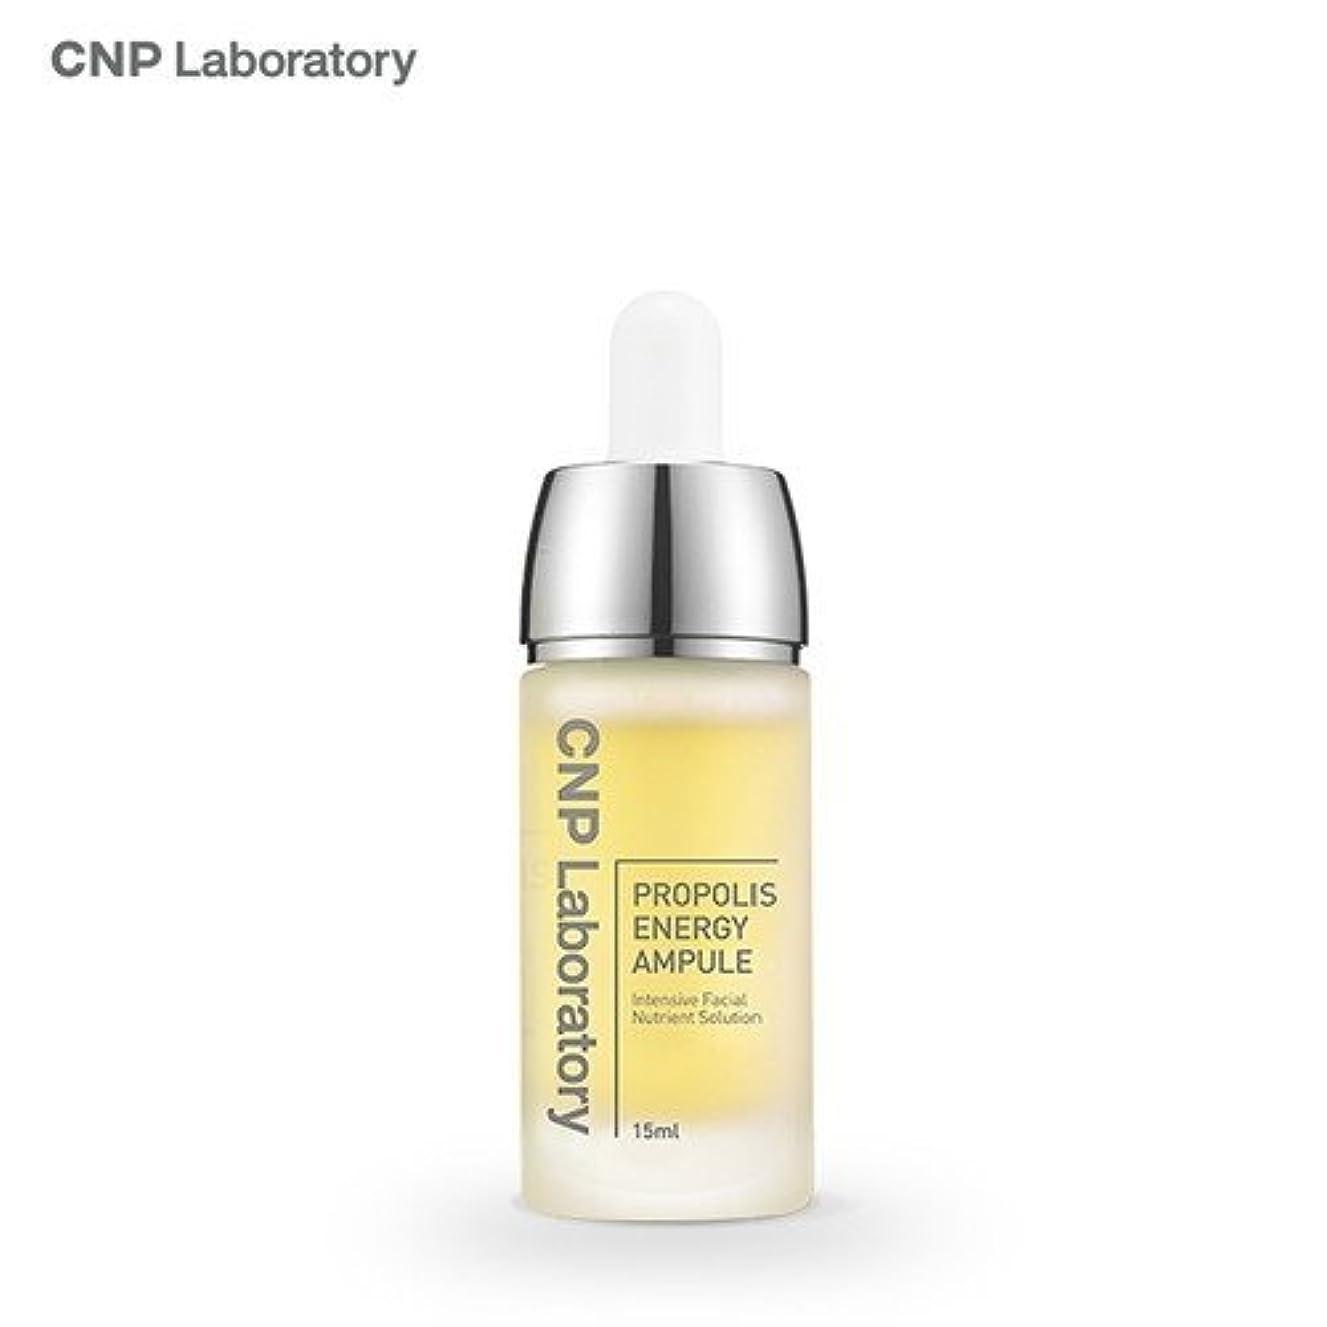 どれでもストレージ十分にチャエンパク プロポリスエネルギーアンプル 15ml / CNP Propolis Energy Ampule, Intensive Facial Nutrient Solution 15ml